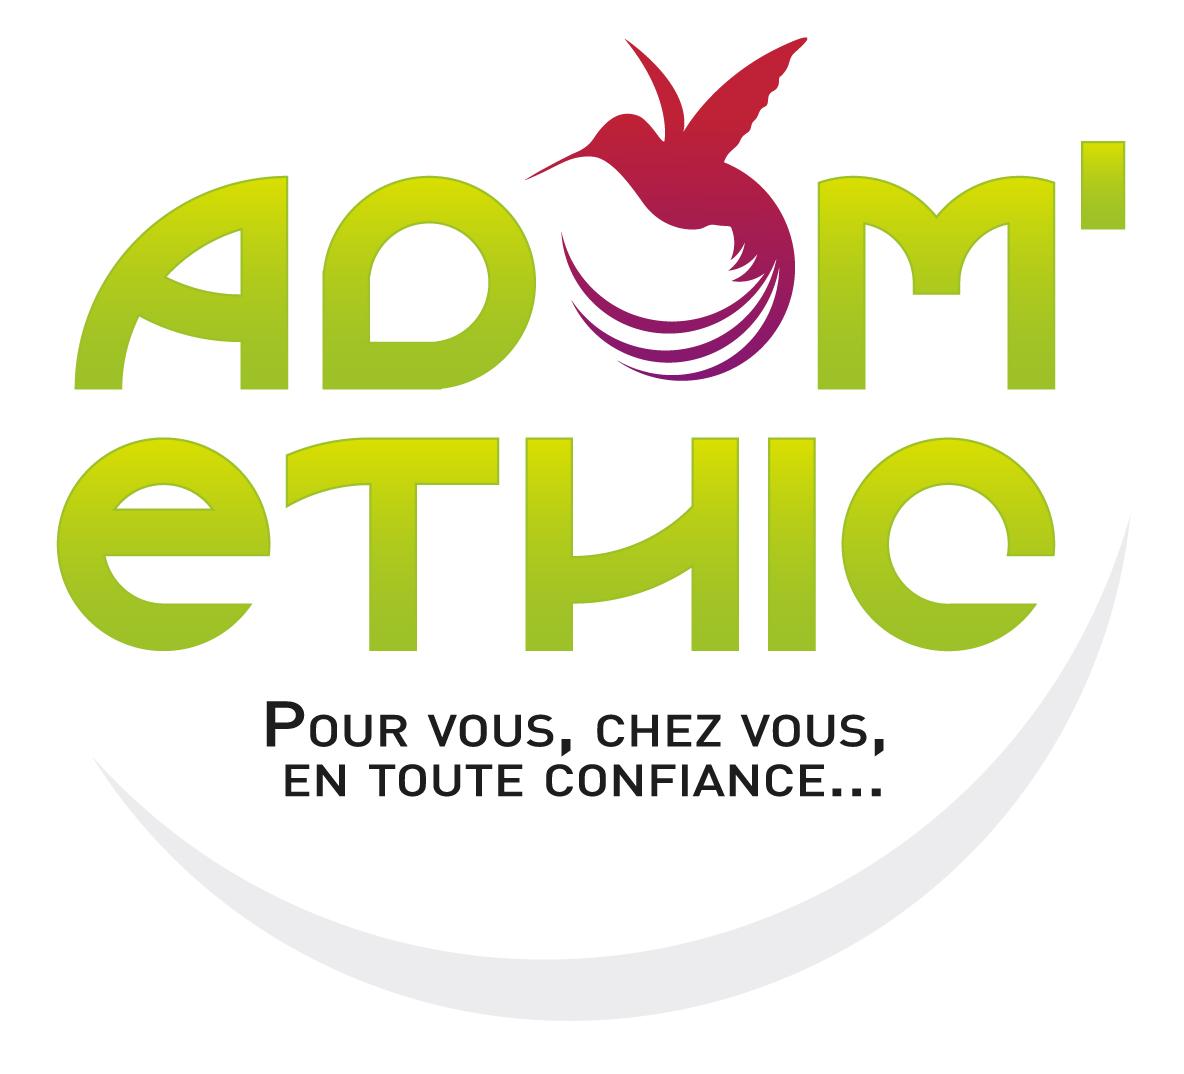 image_thumb_Soutenir Adom Ethic et Adom Ethic Pro